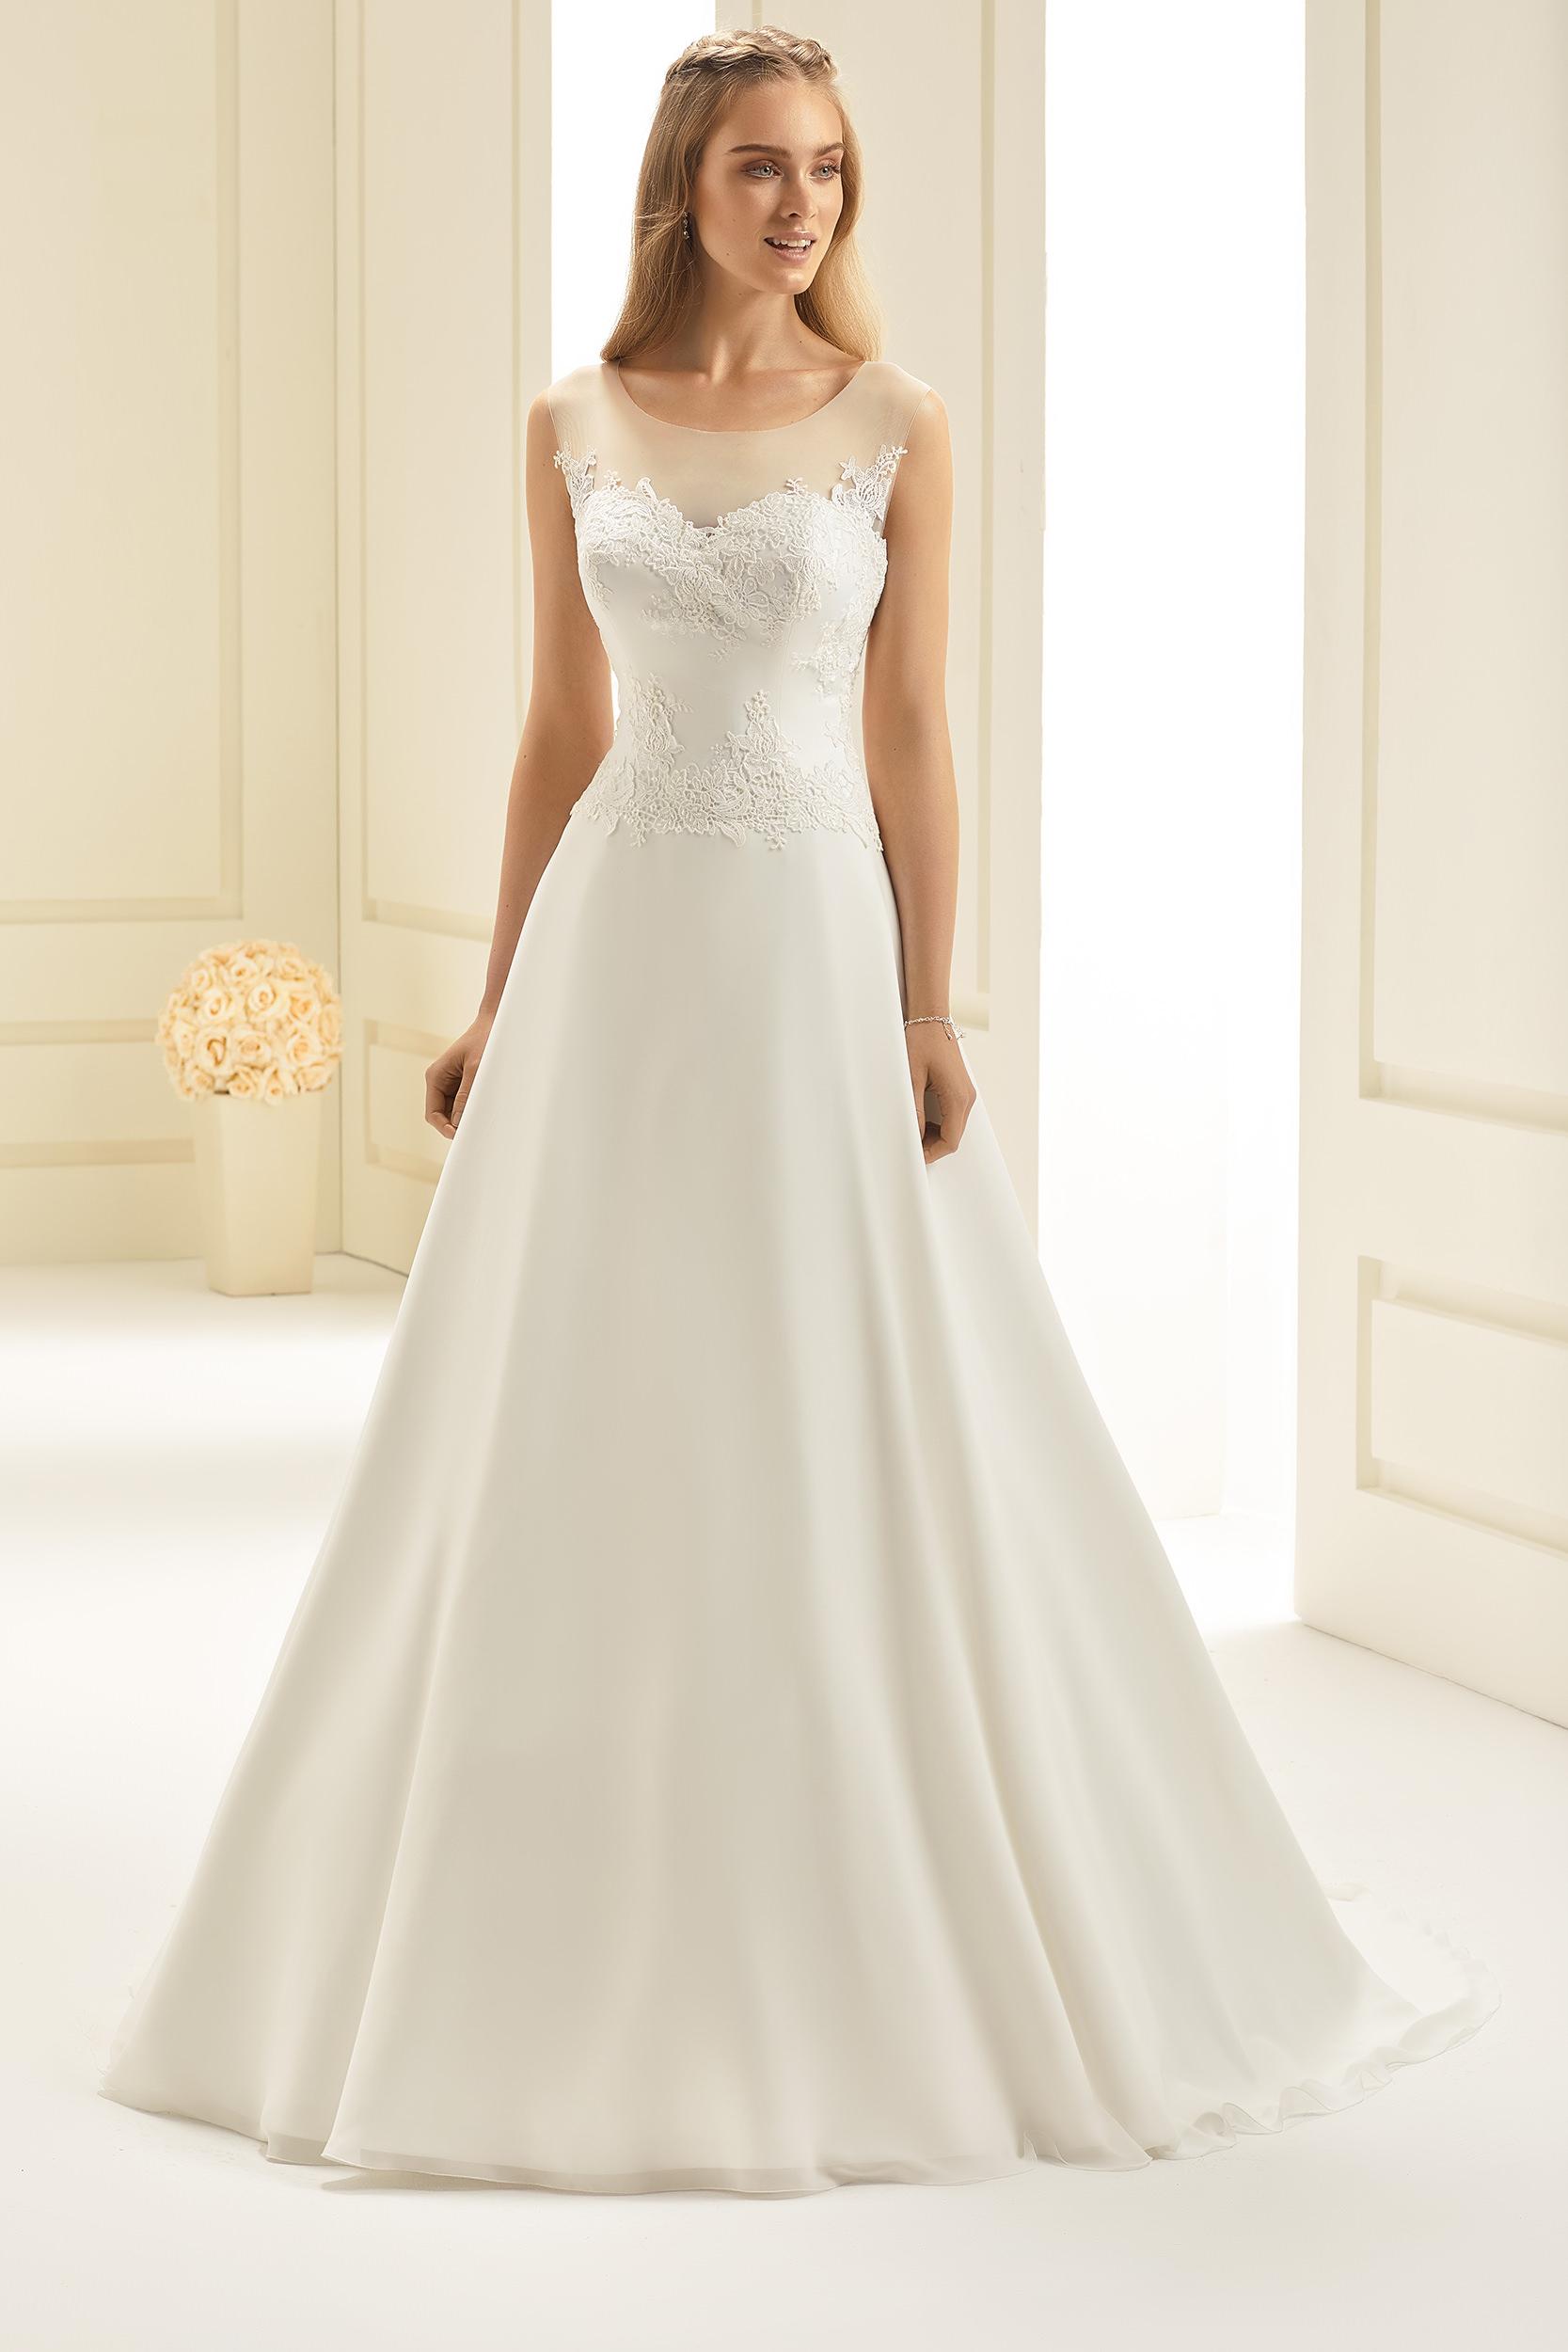 7f670797786c Brudklänning från Bianco Evento, Brudkjole, Brudklänning i Spets, brudklänning  Chiffong, brudklänning i